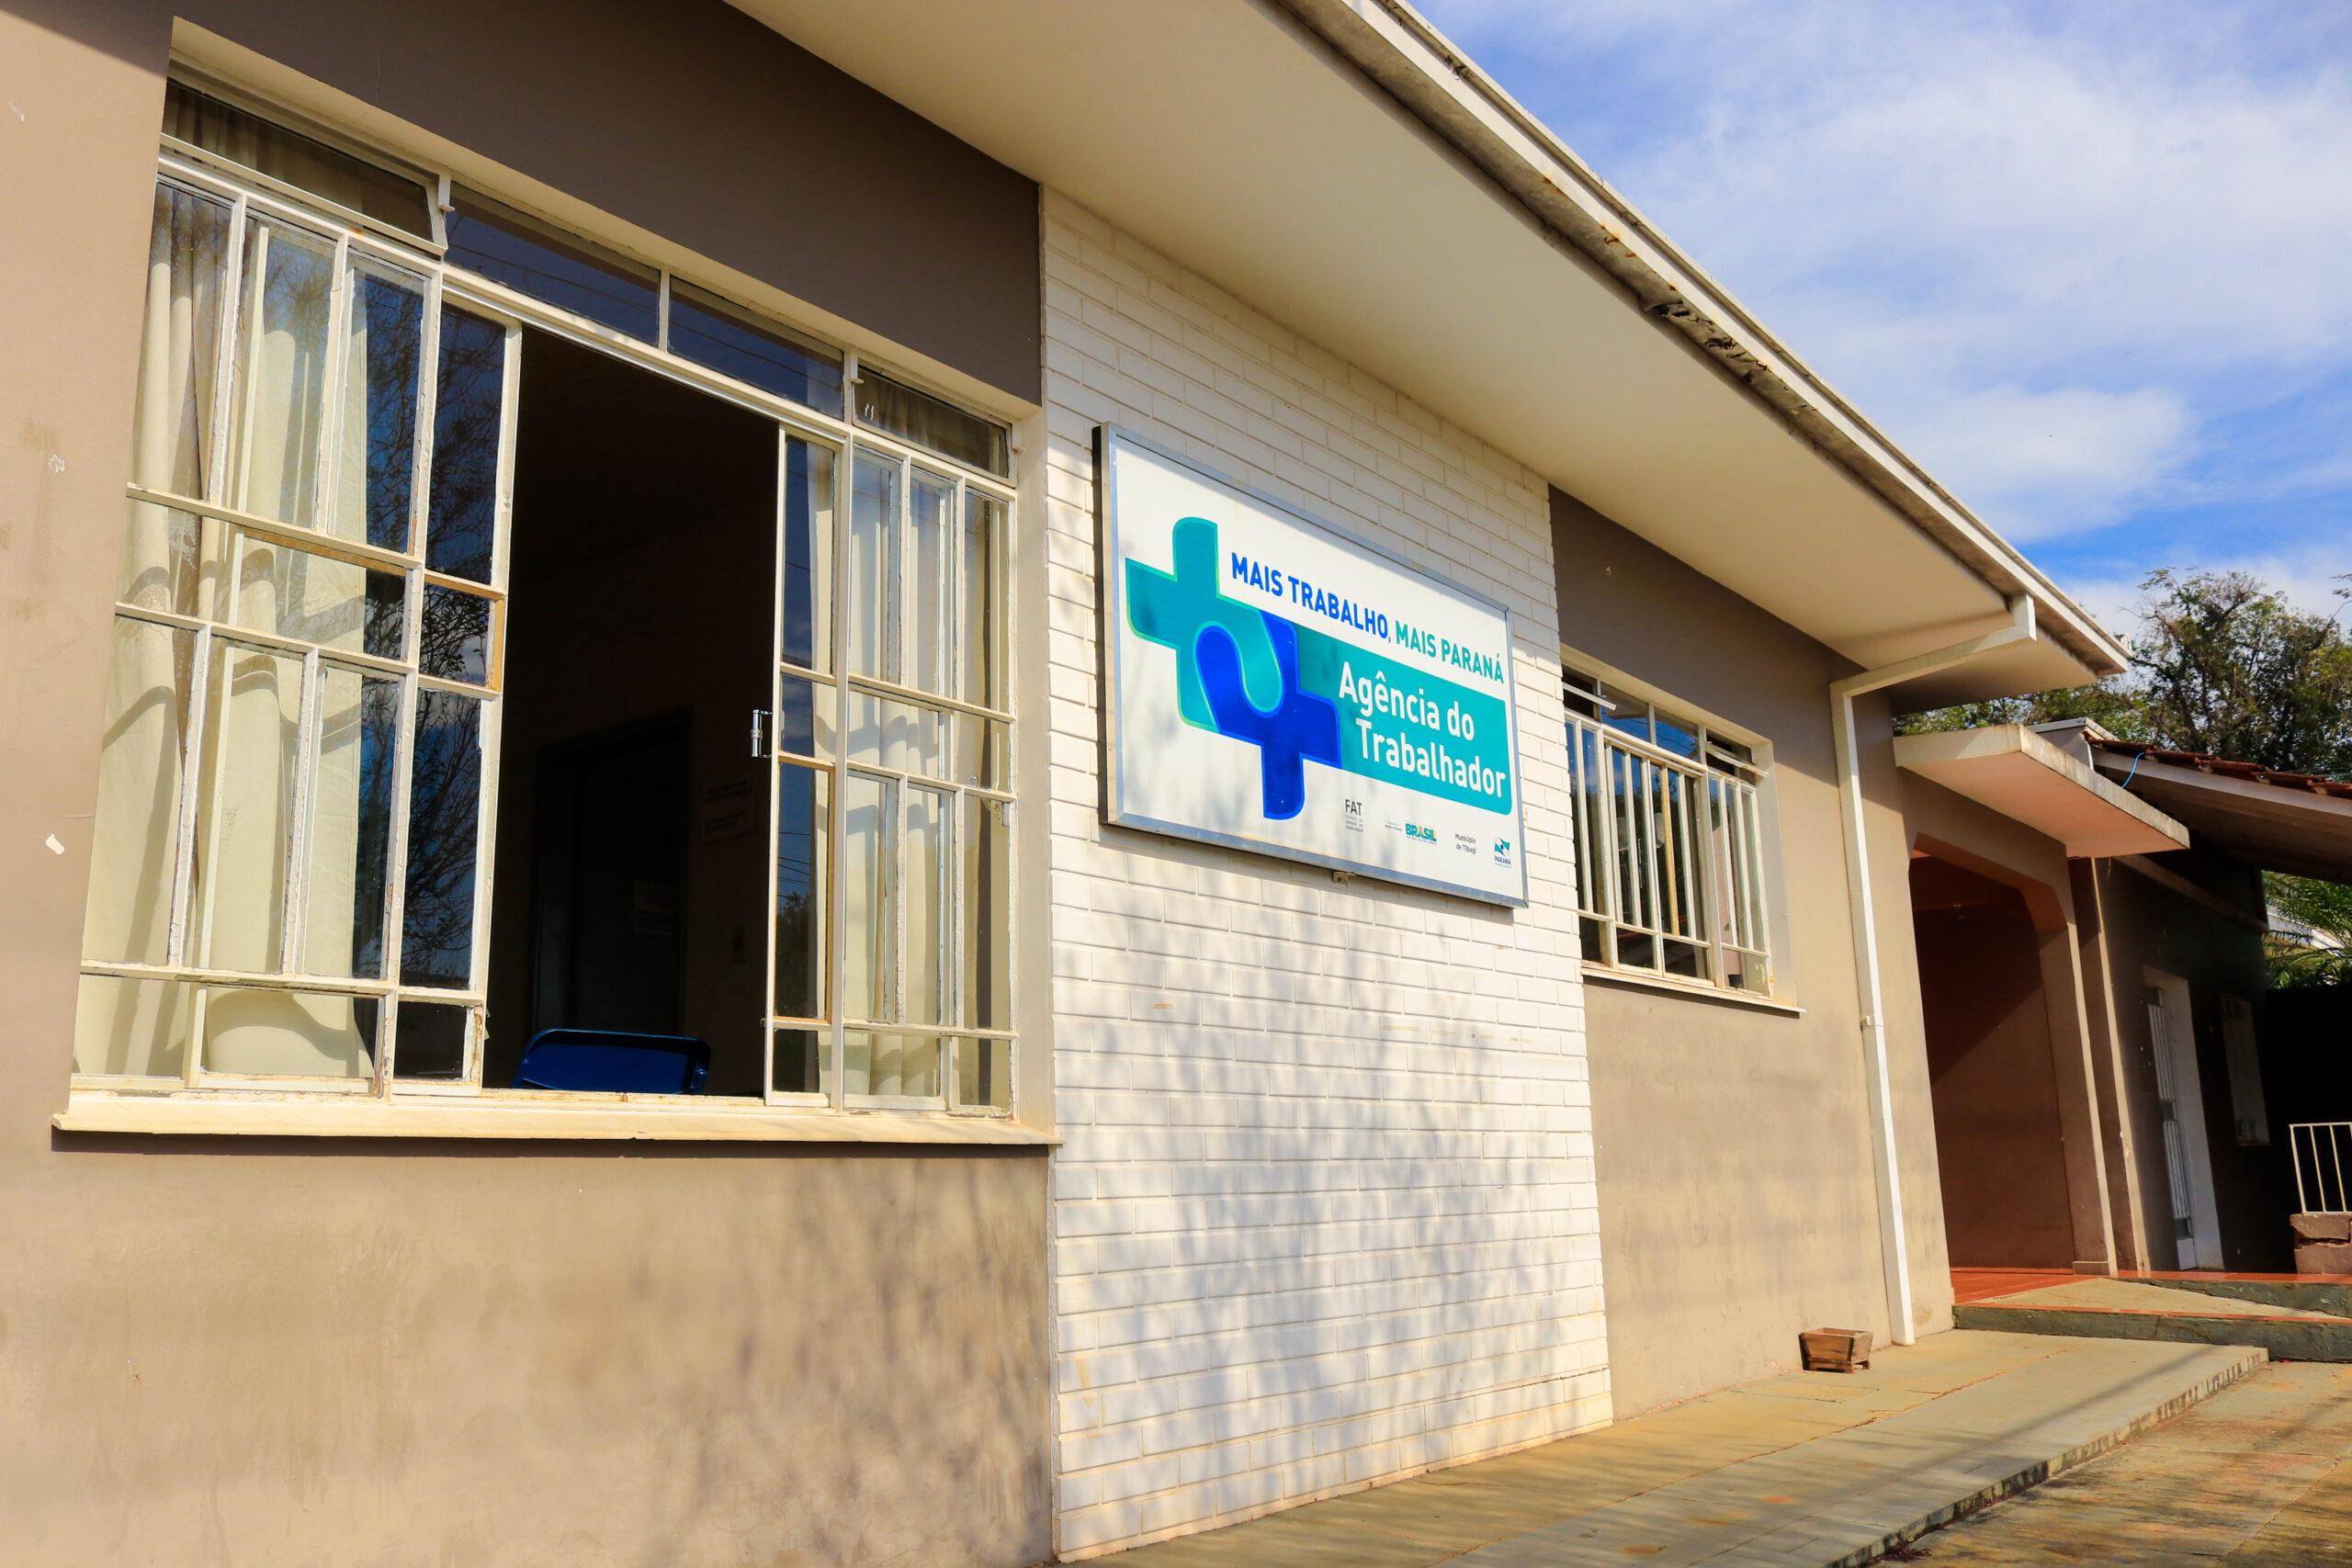 Agência do Trabalhador de Tibagi está com mais de 20 vagas abertas